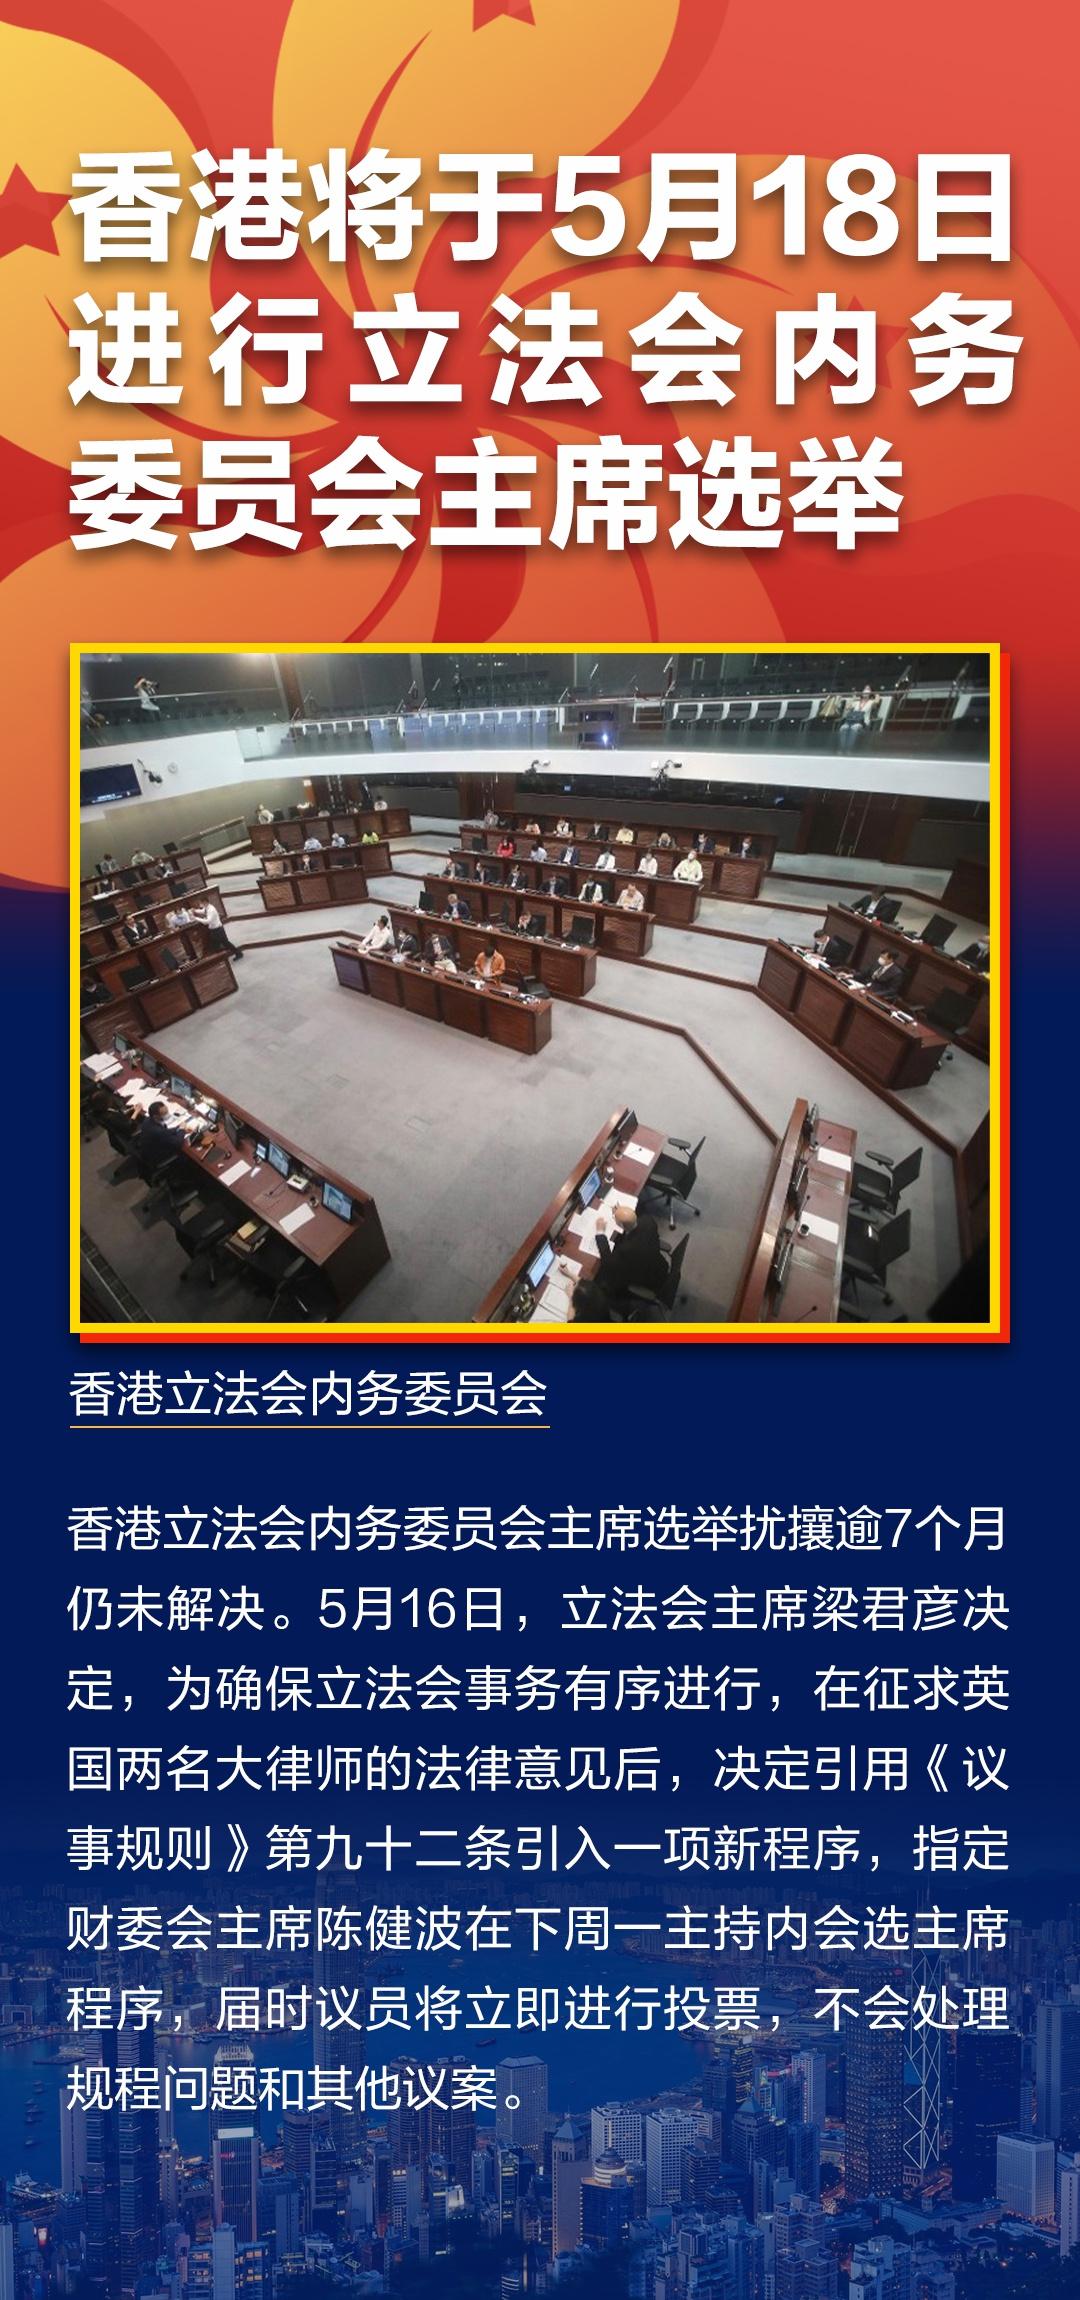 「摩鑫平台」5月18日进行立摩鑫平台法会内务图片